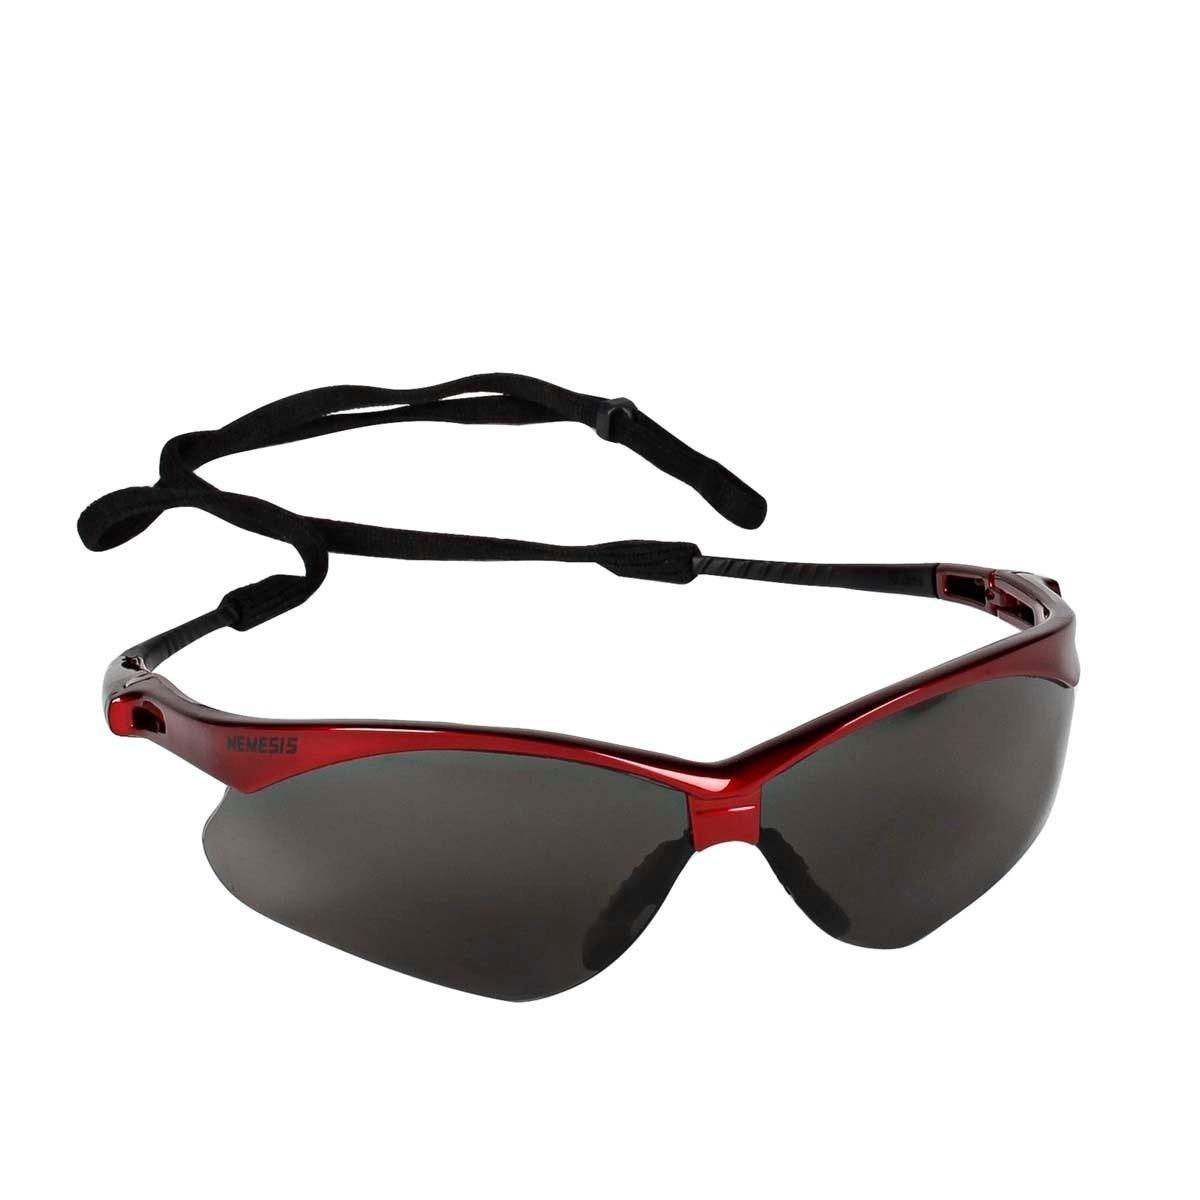 cd5771c25e80a Óculos Nêmesis Vermelho Lentes Pretas - R  42,00 em Mercado Livre